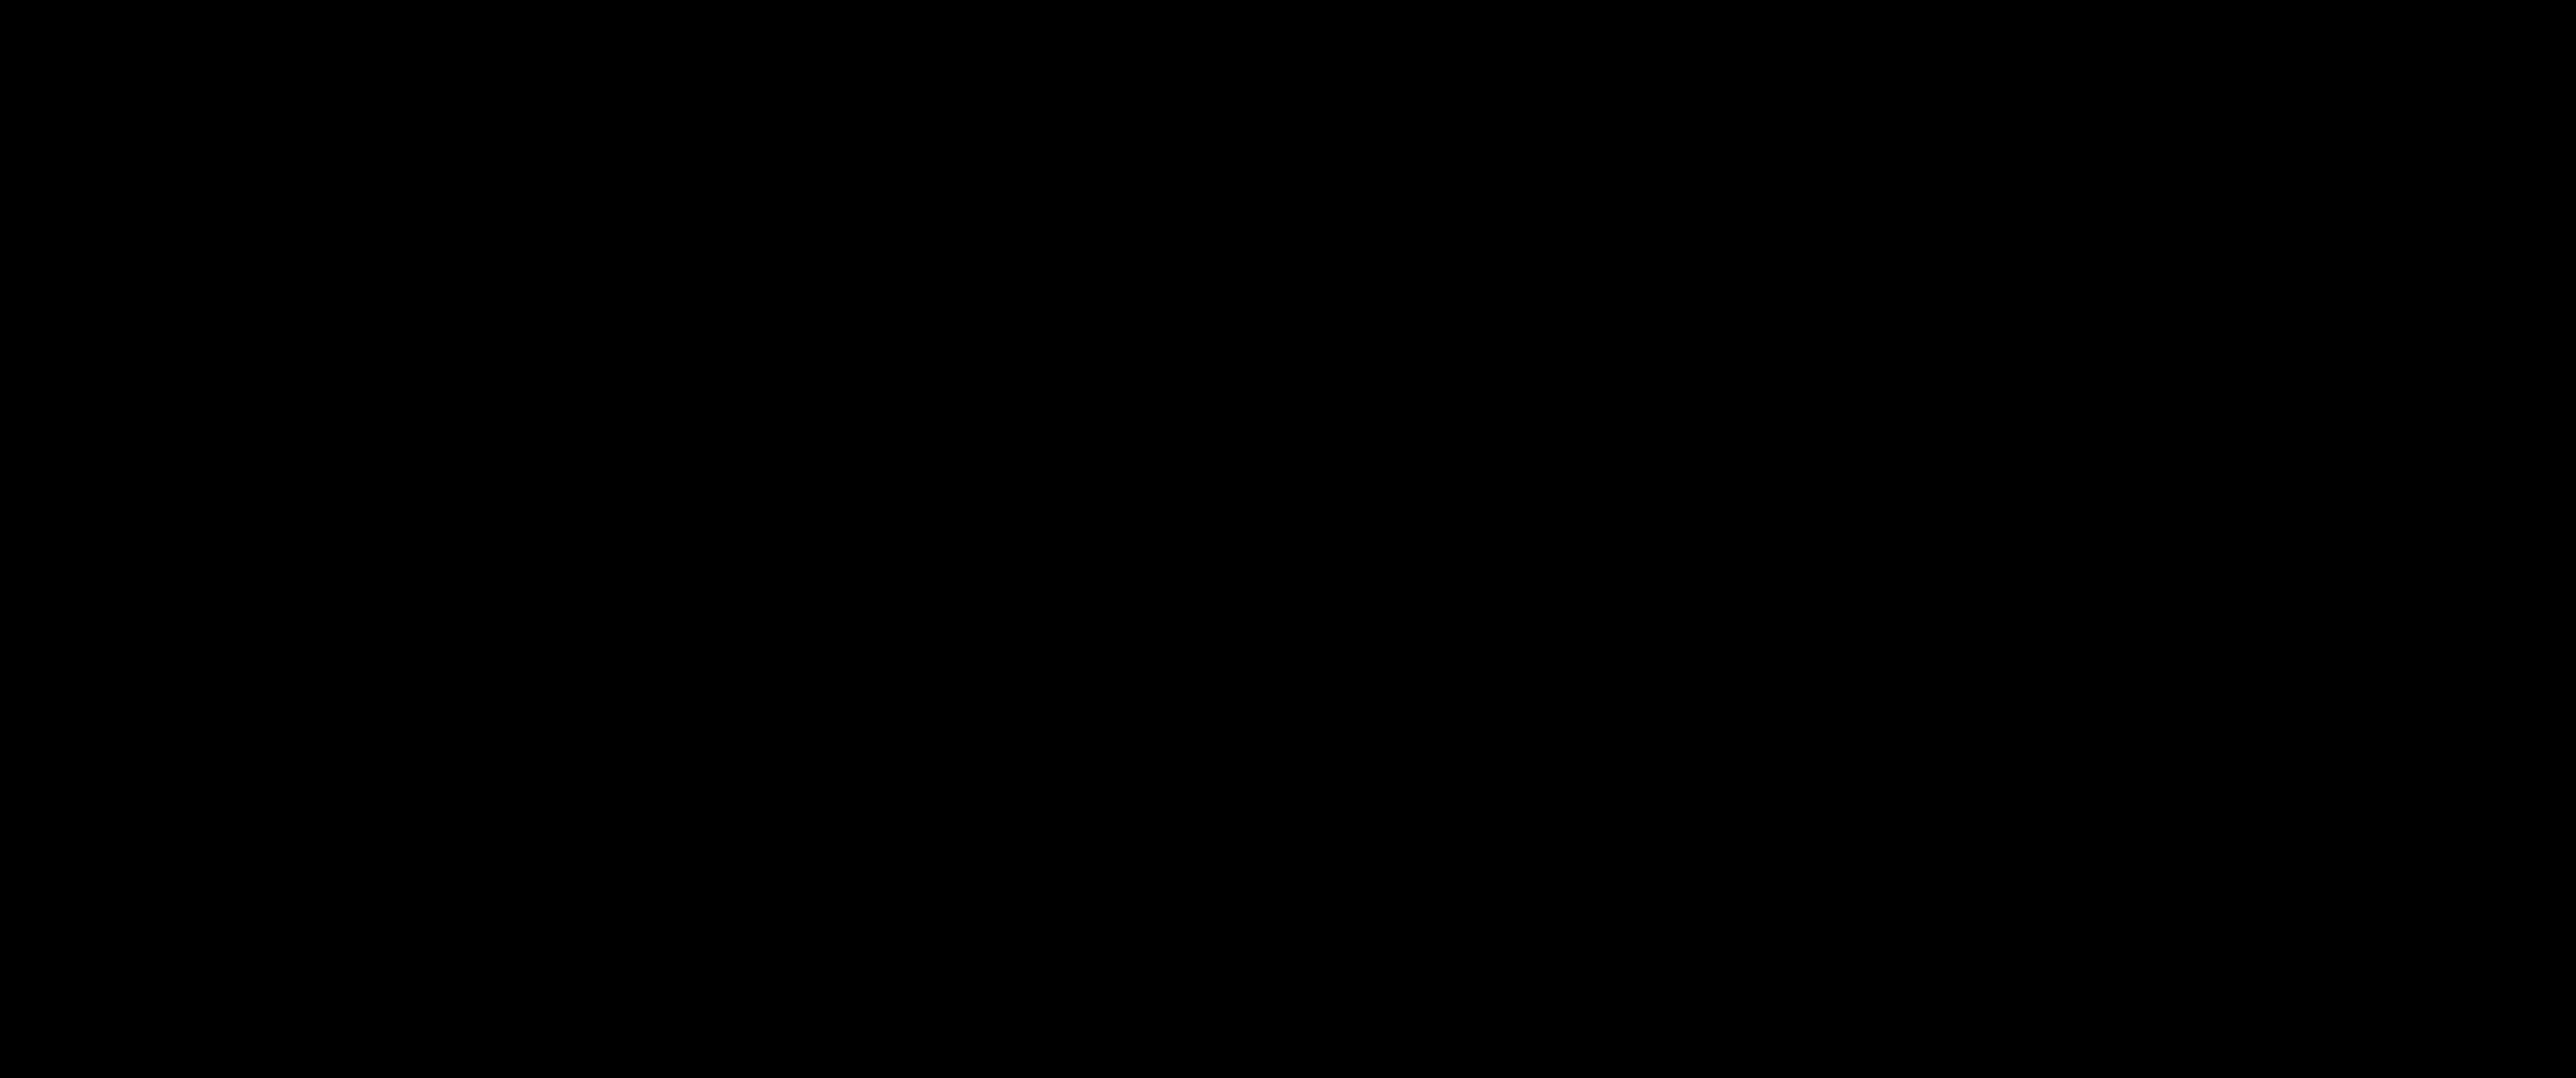 nahres-newFINAL